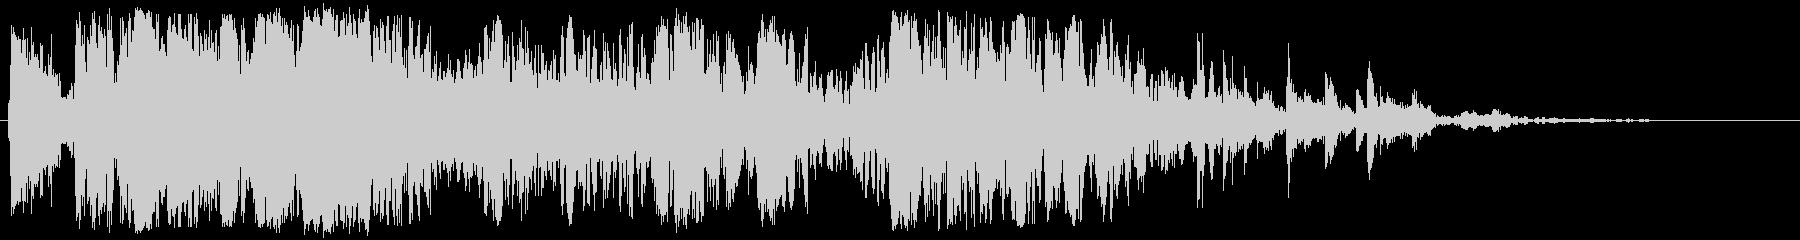 ビッグメタルとジャンククラッシュメ...の未再生の波形